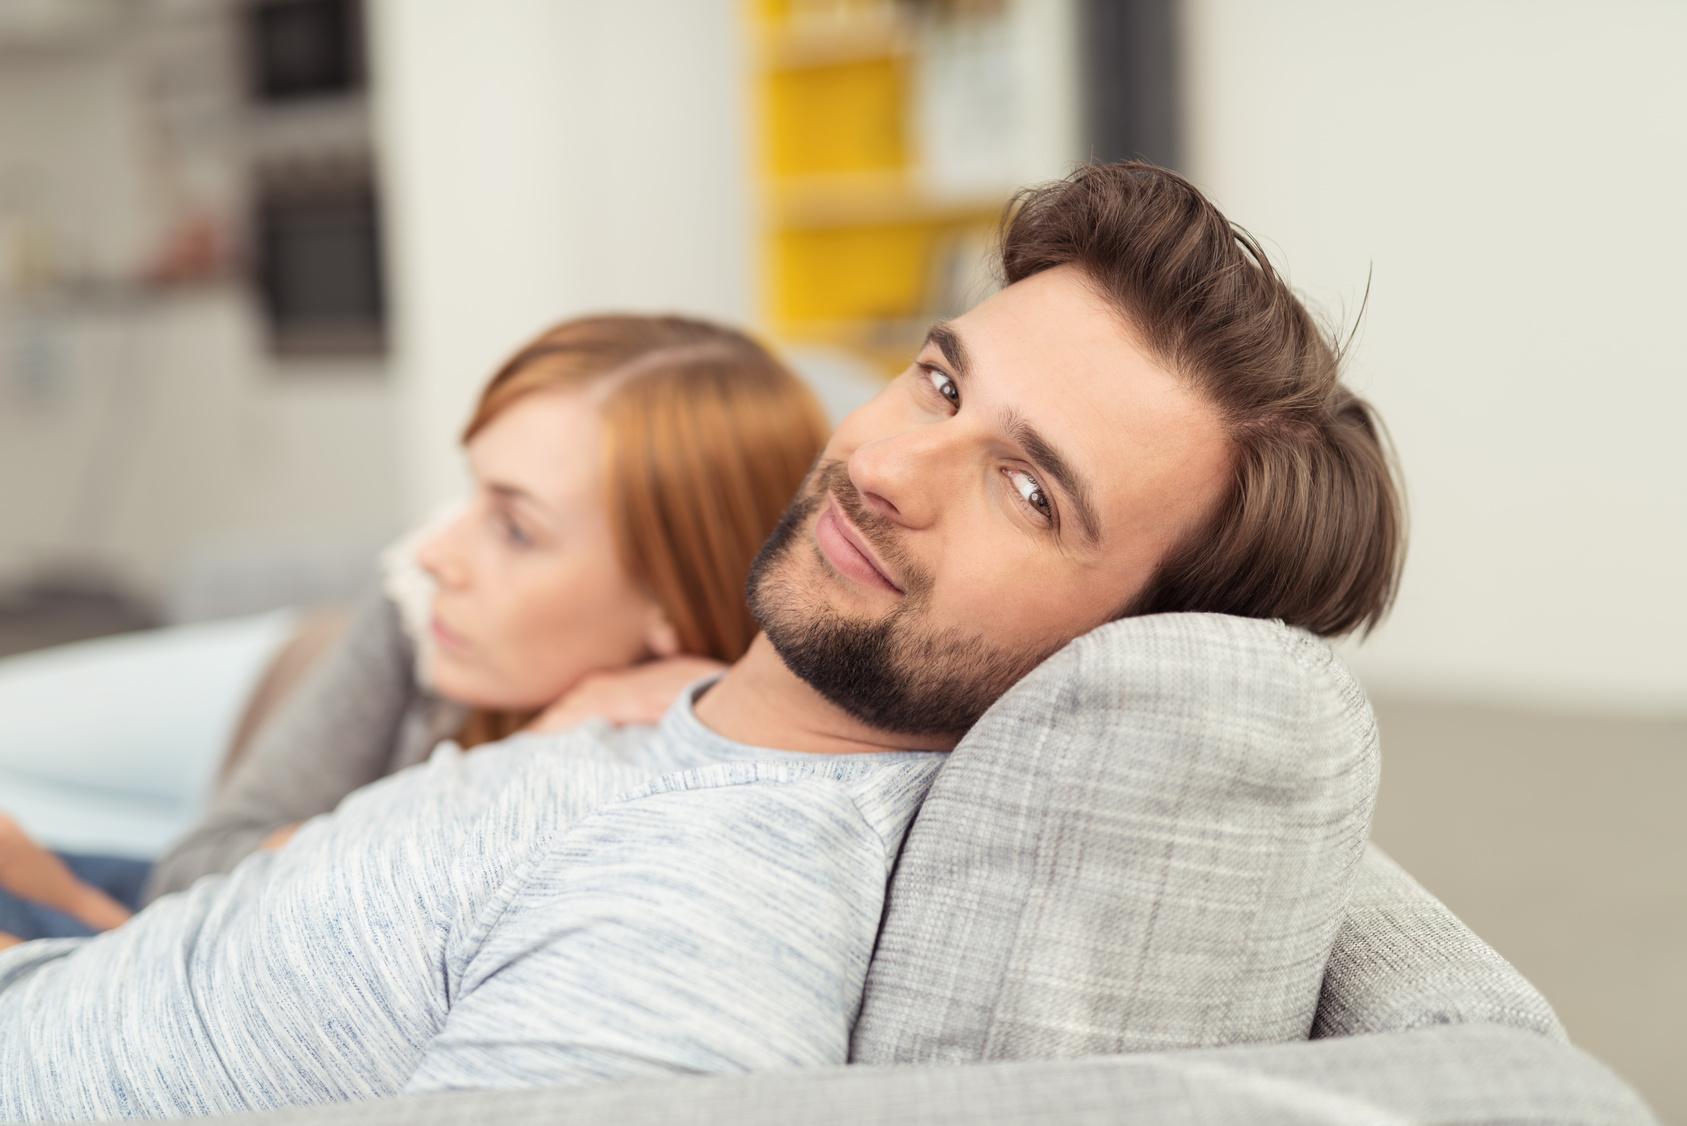 mann liegt entspannt auf dem sofa mit seiner freundin